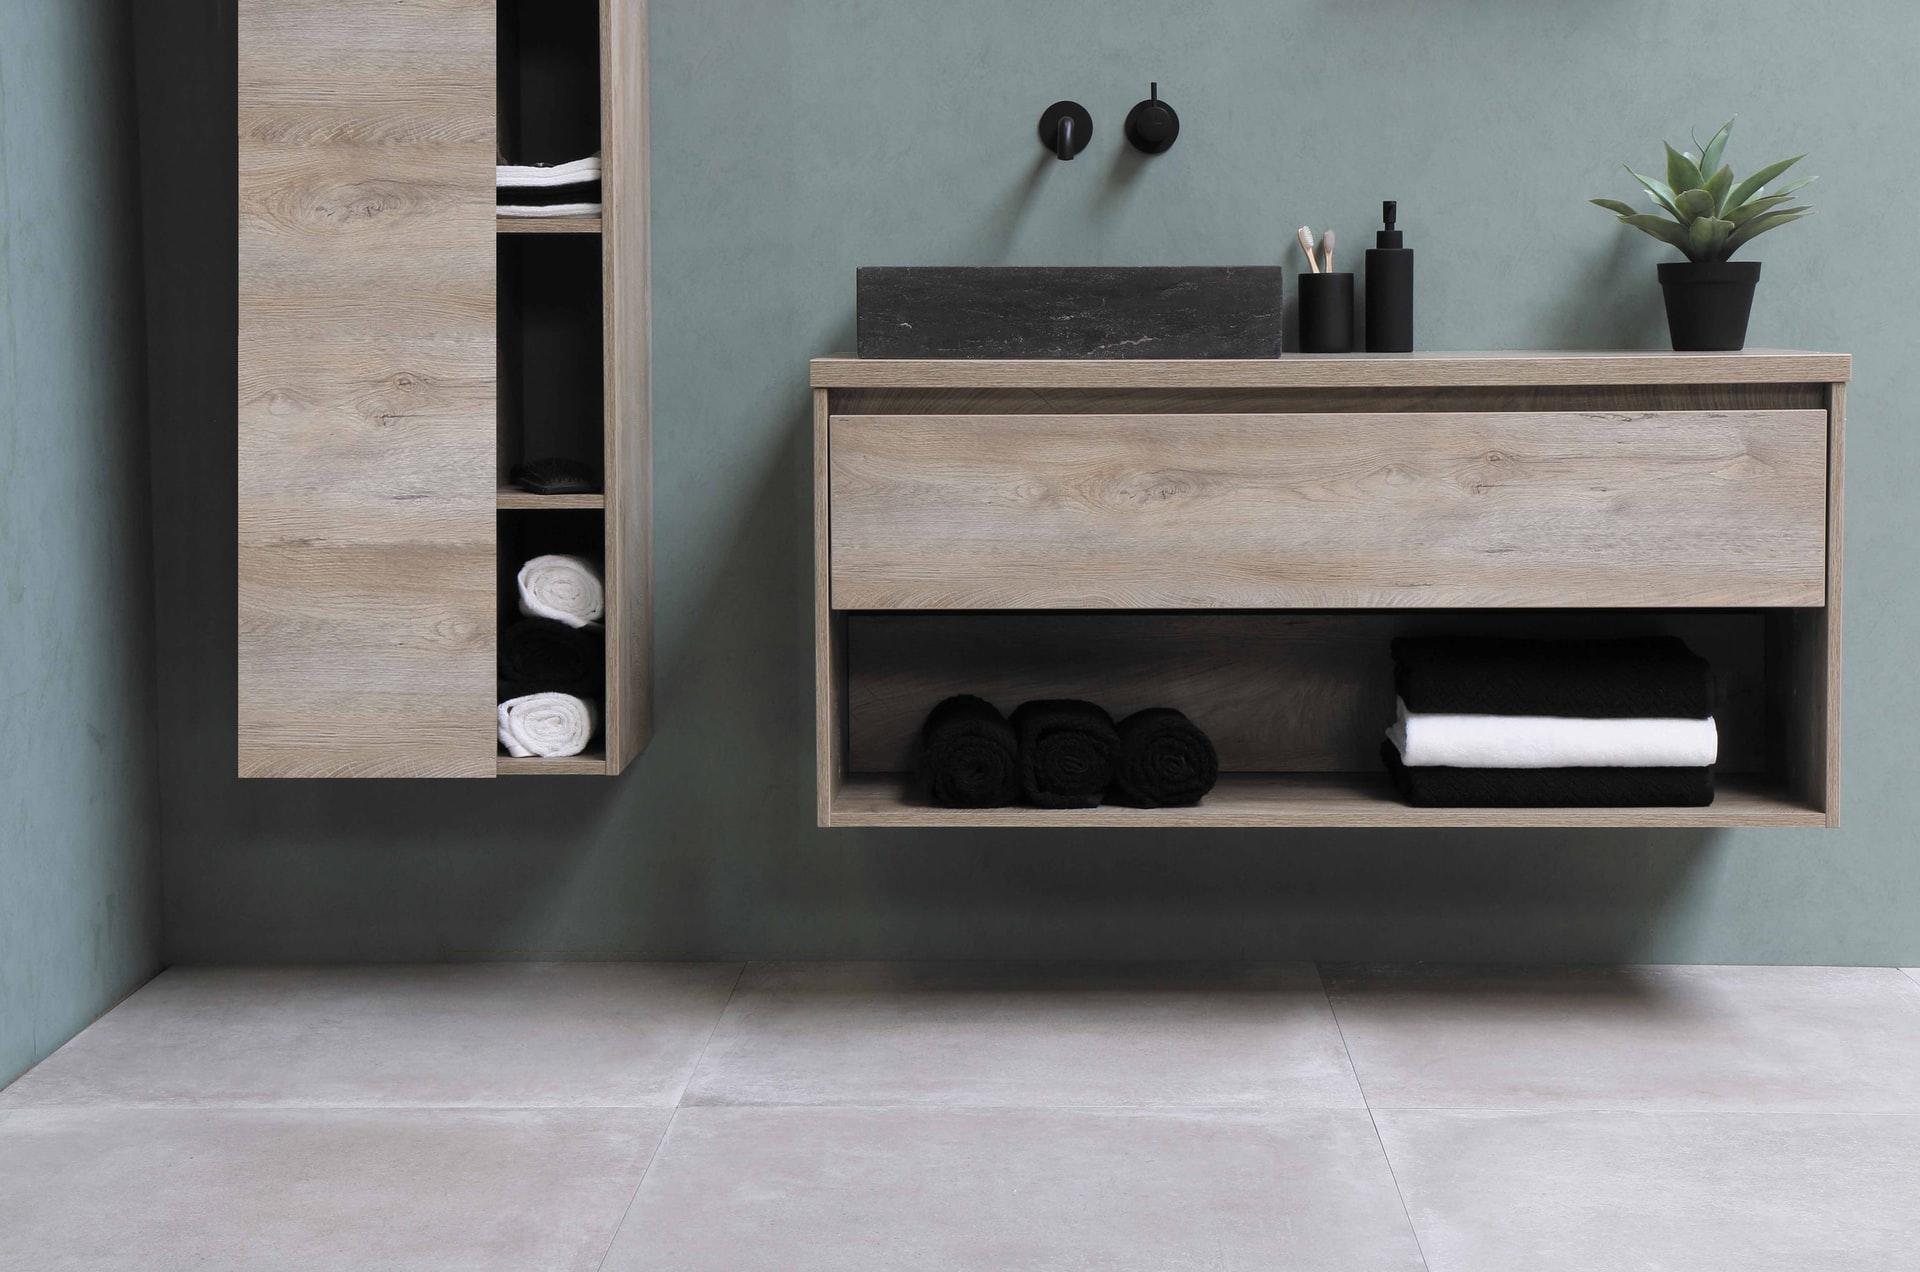 sanibell bv lED9KZIpm w unsplash - Det svære valg af baderumsmøbler